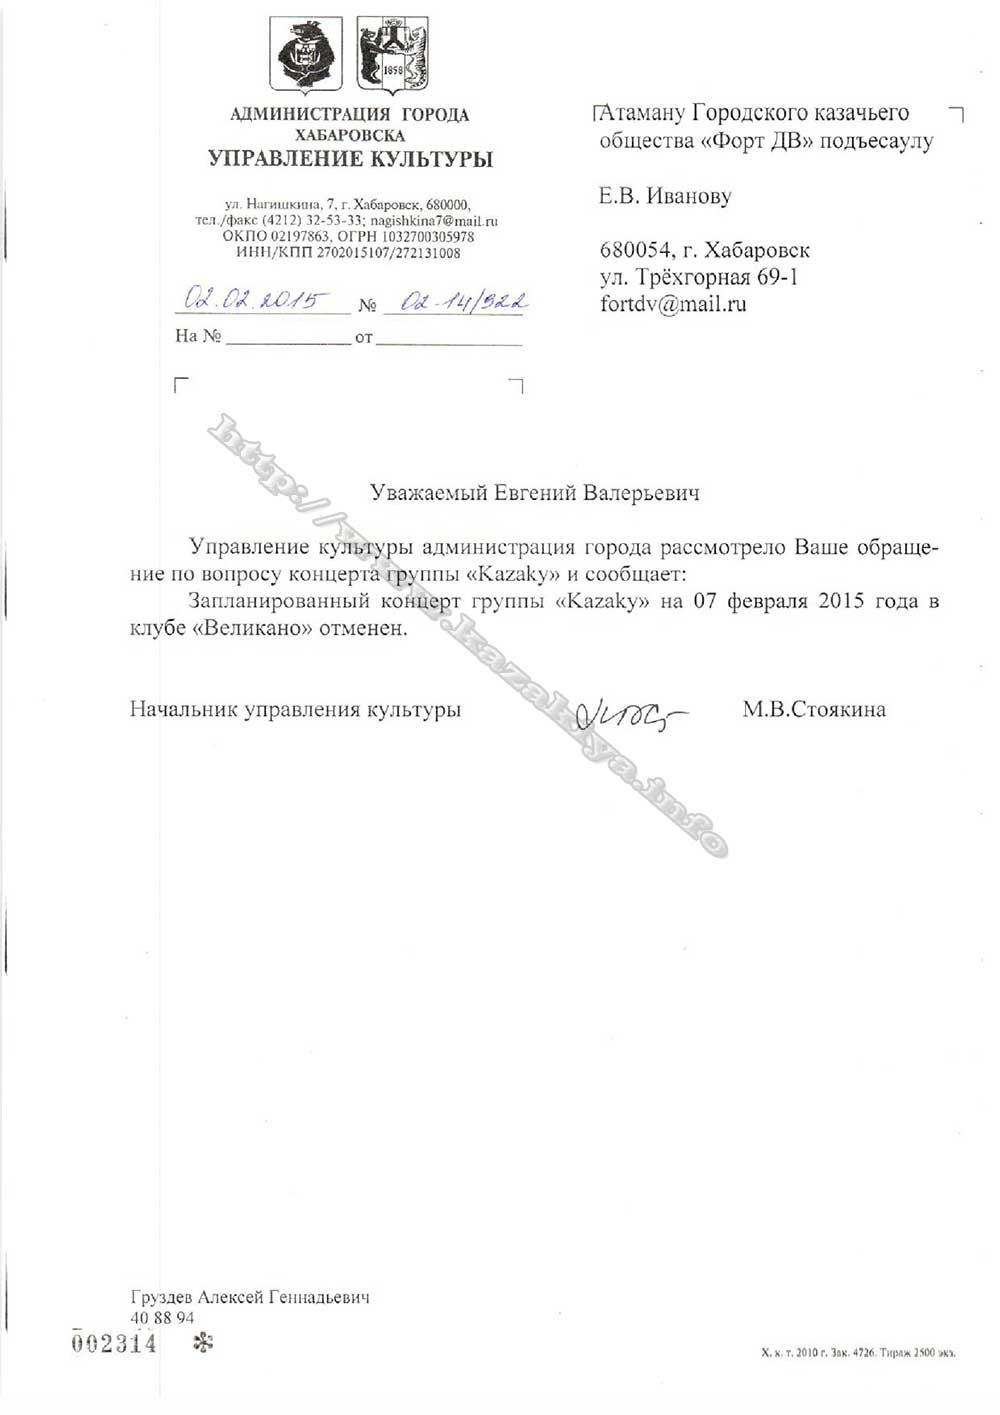 """Ответ Администрации города Хабаровска Атаману ГКО """"Форт ДВ"""""""